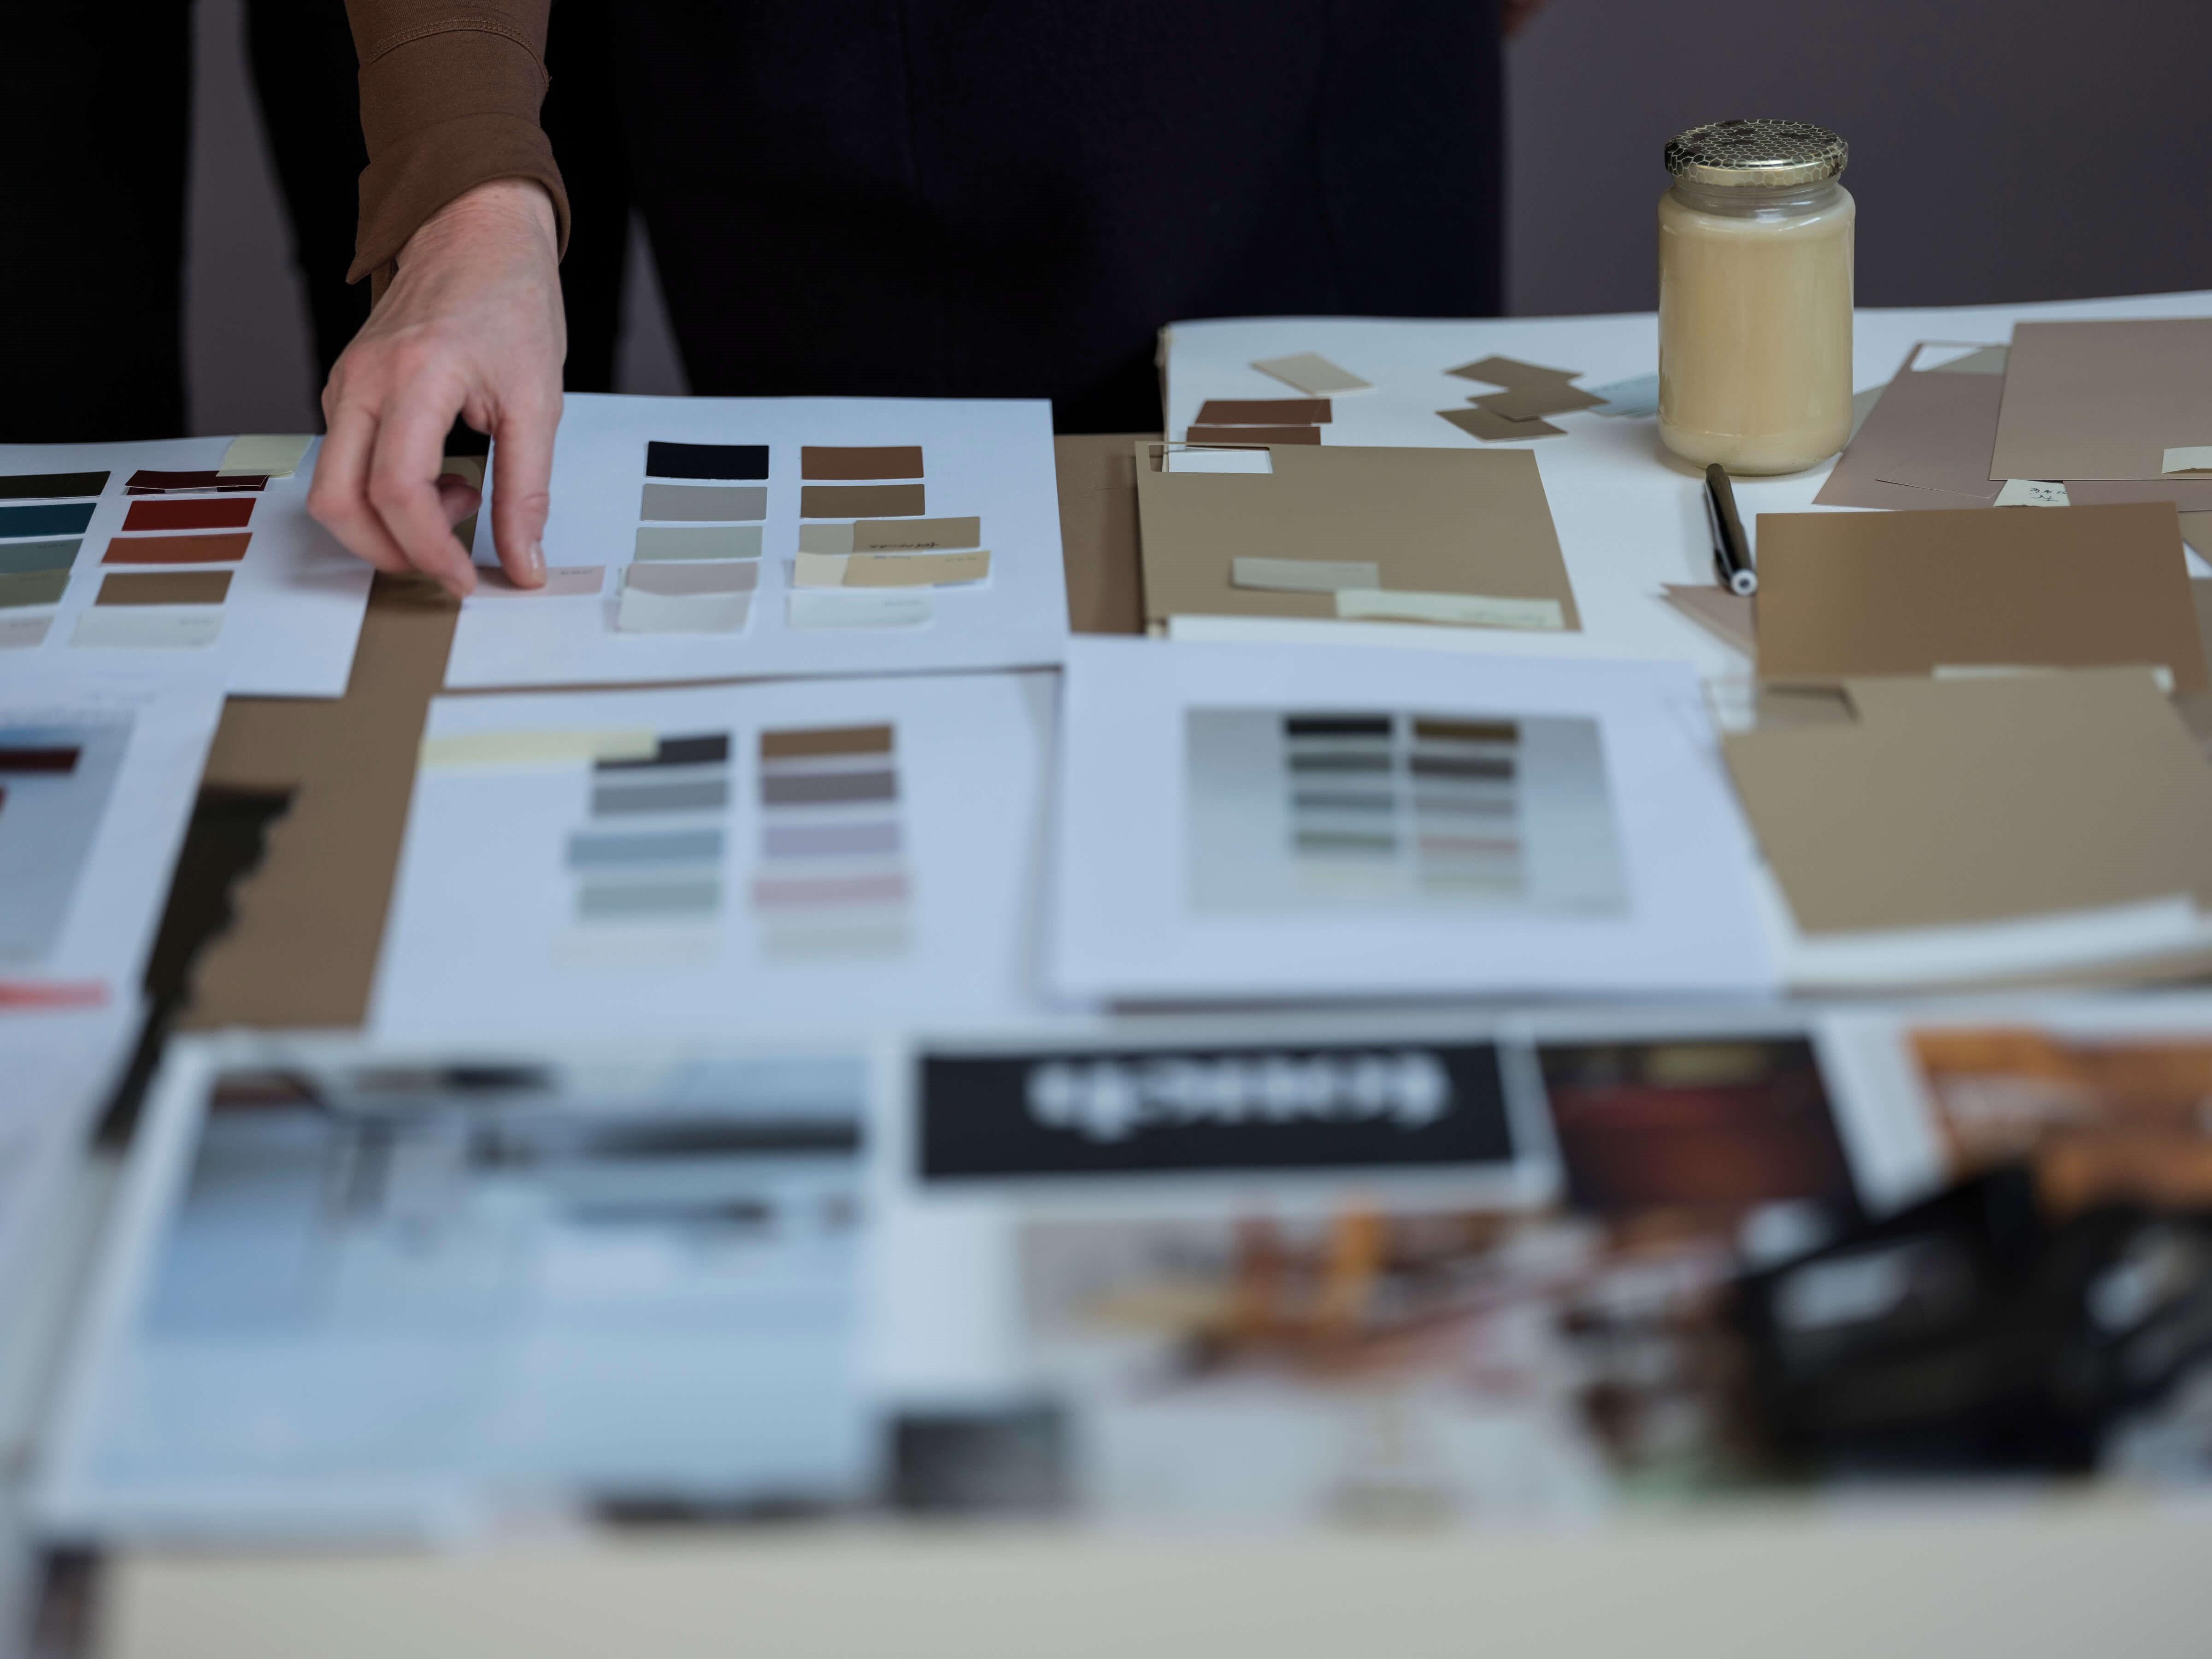 Colori moda per pareti interne 2019 blog for Immagini per pareti interne